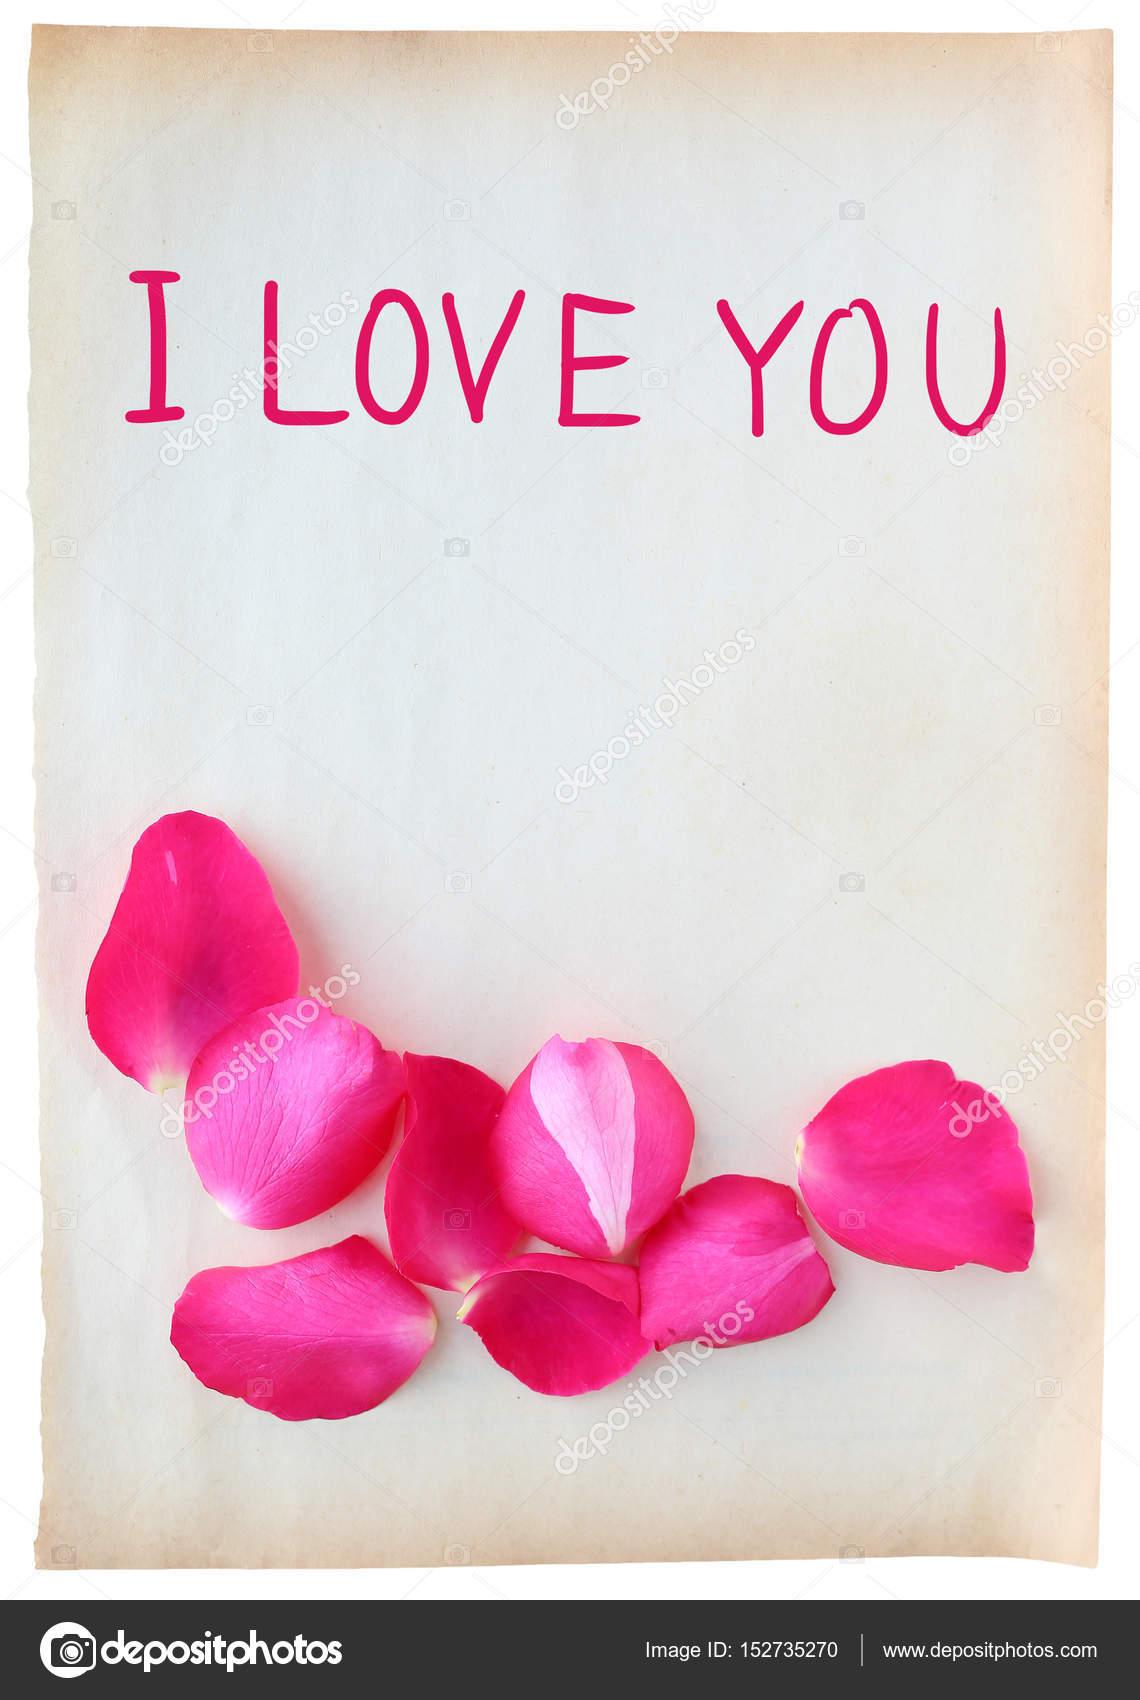 Abstract van rozenblaadjes op oud bruin papier met woord i love you abstract van rozenblaadjes op oud bruin papier met woord i love you gesoleerd op witte achtergrond foto van civicdmhotmail voltagebd Choice Image